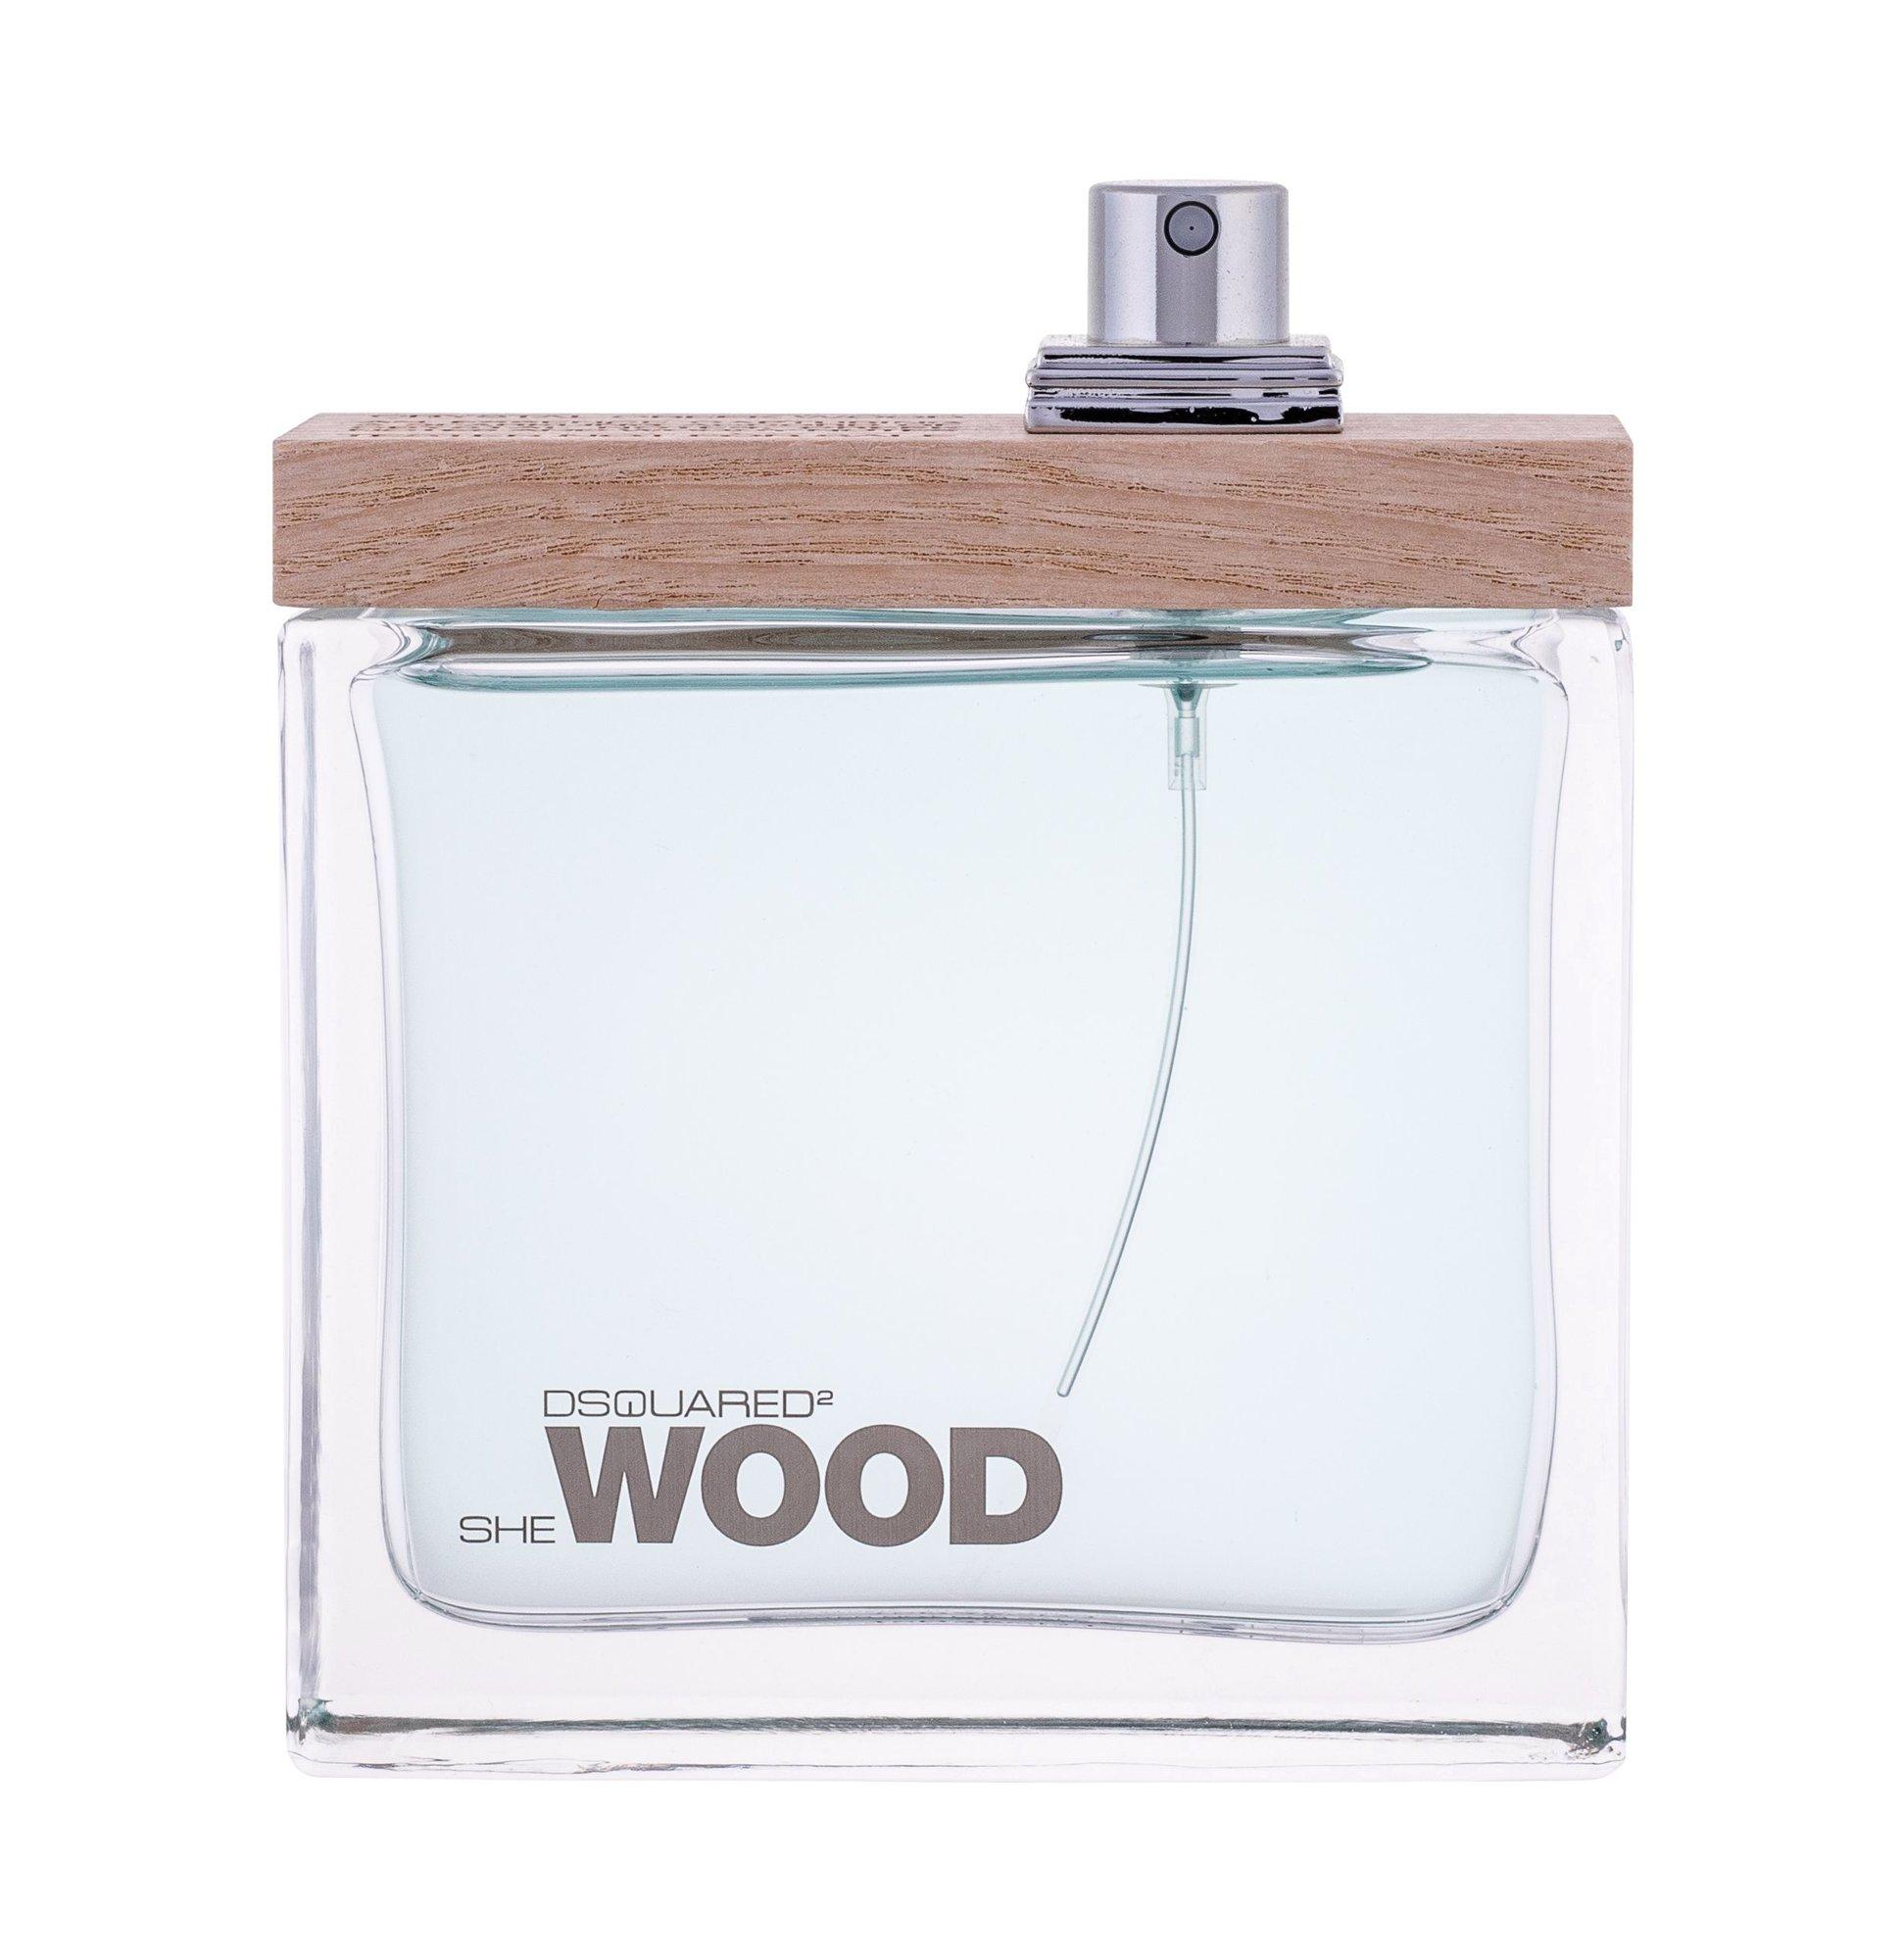 Dsquared2 She Wood Crystal Creek Wood EDP 100ml